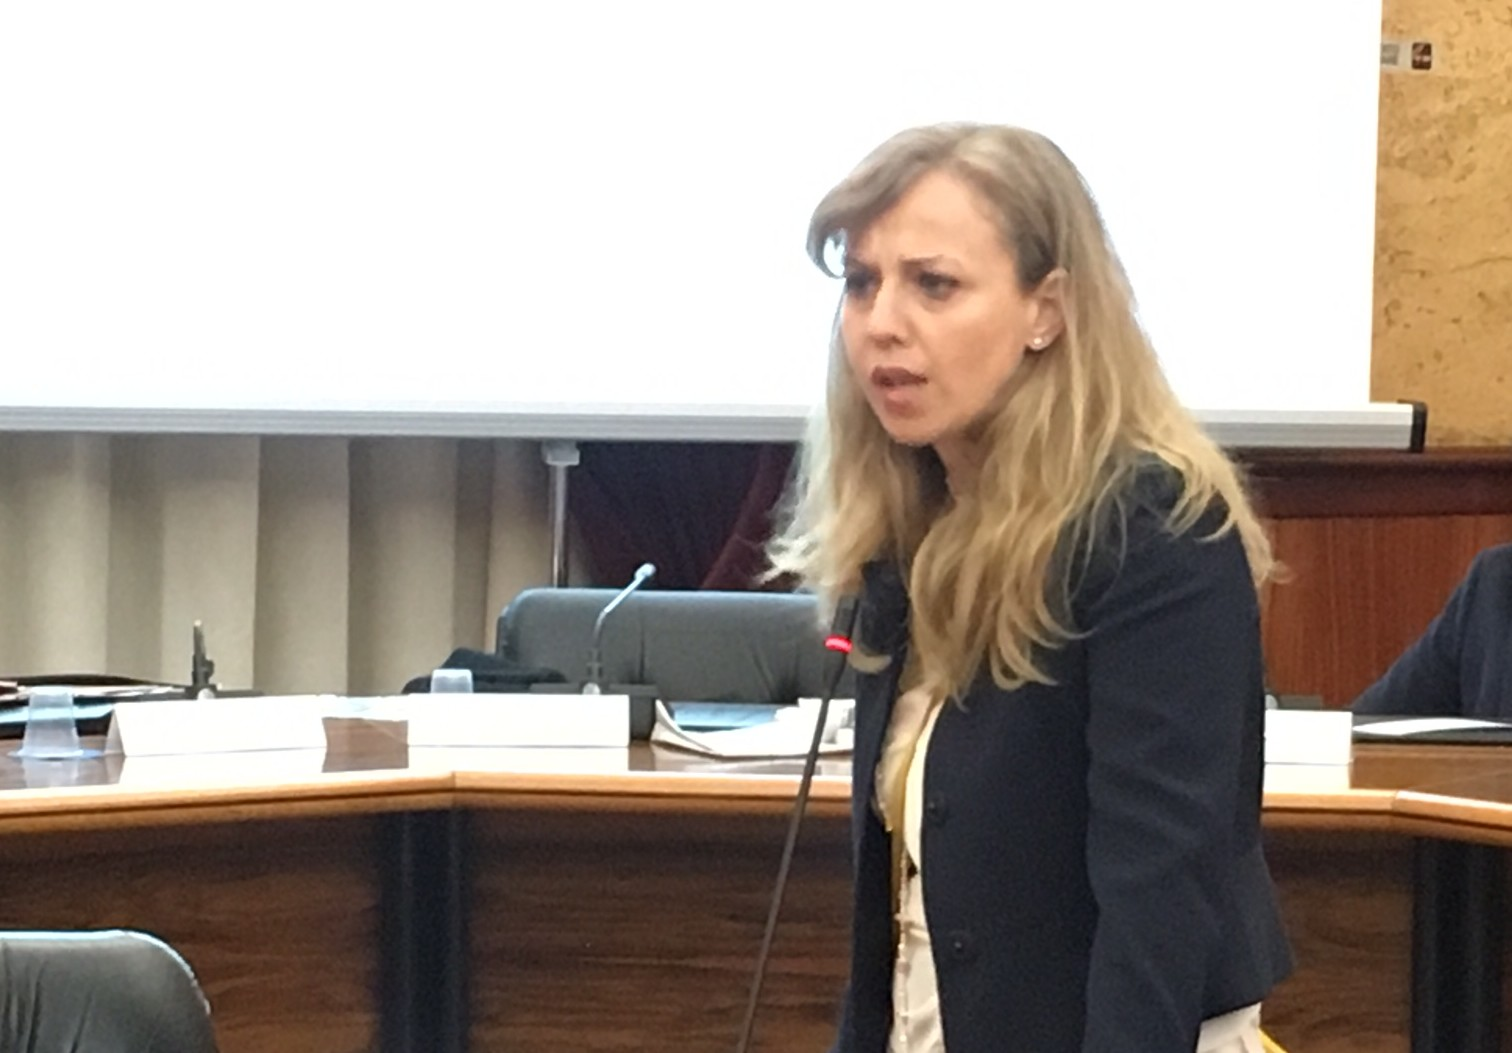 """""""Galleria di Segesta pericolosa"""": Valentina Palmeri presenta un'interrogazione per conoscere le ragioni dei ritardi nei lavori"""